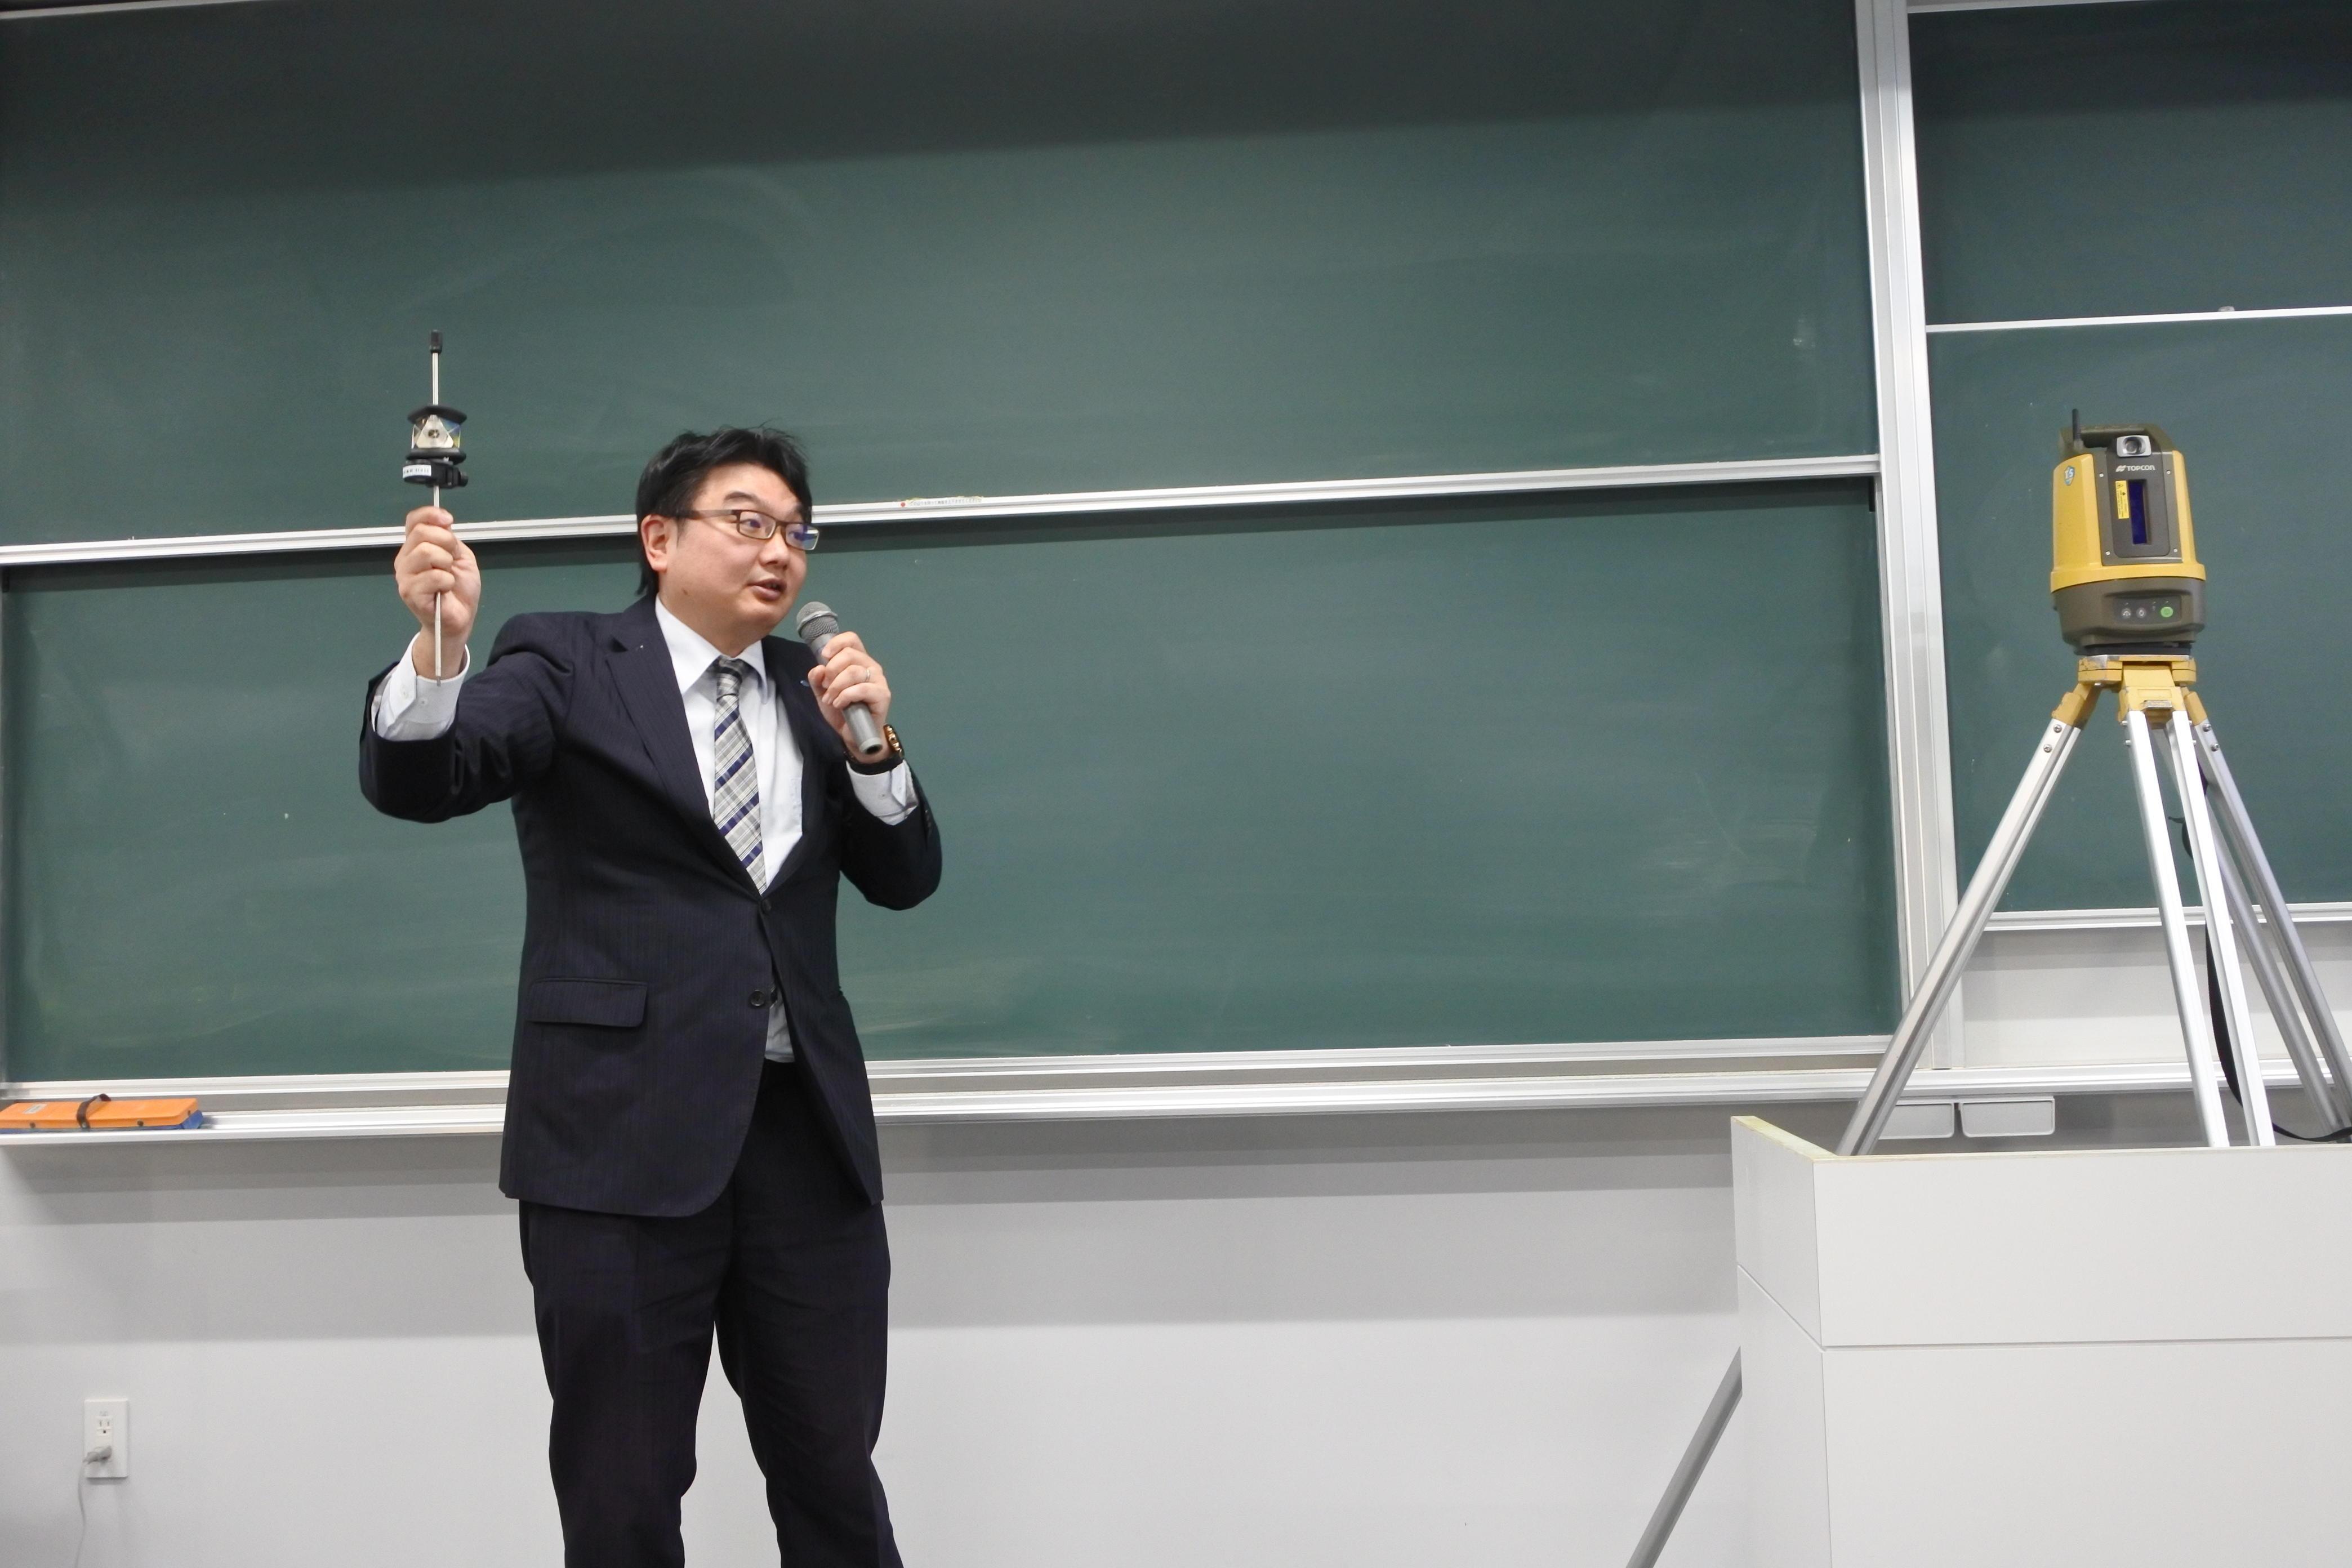 自動追尾トータルステーションを用いたデモンストレーションを行う柳田さん